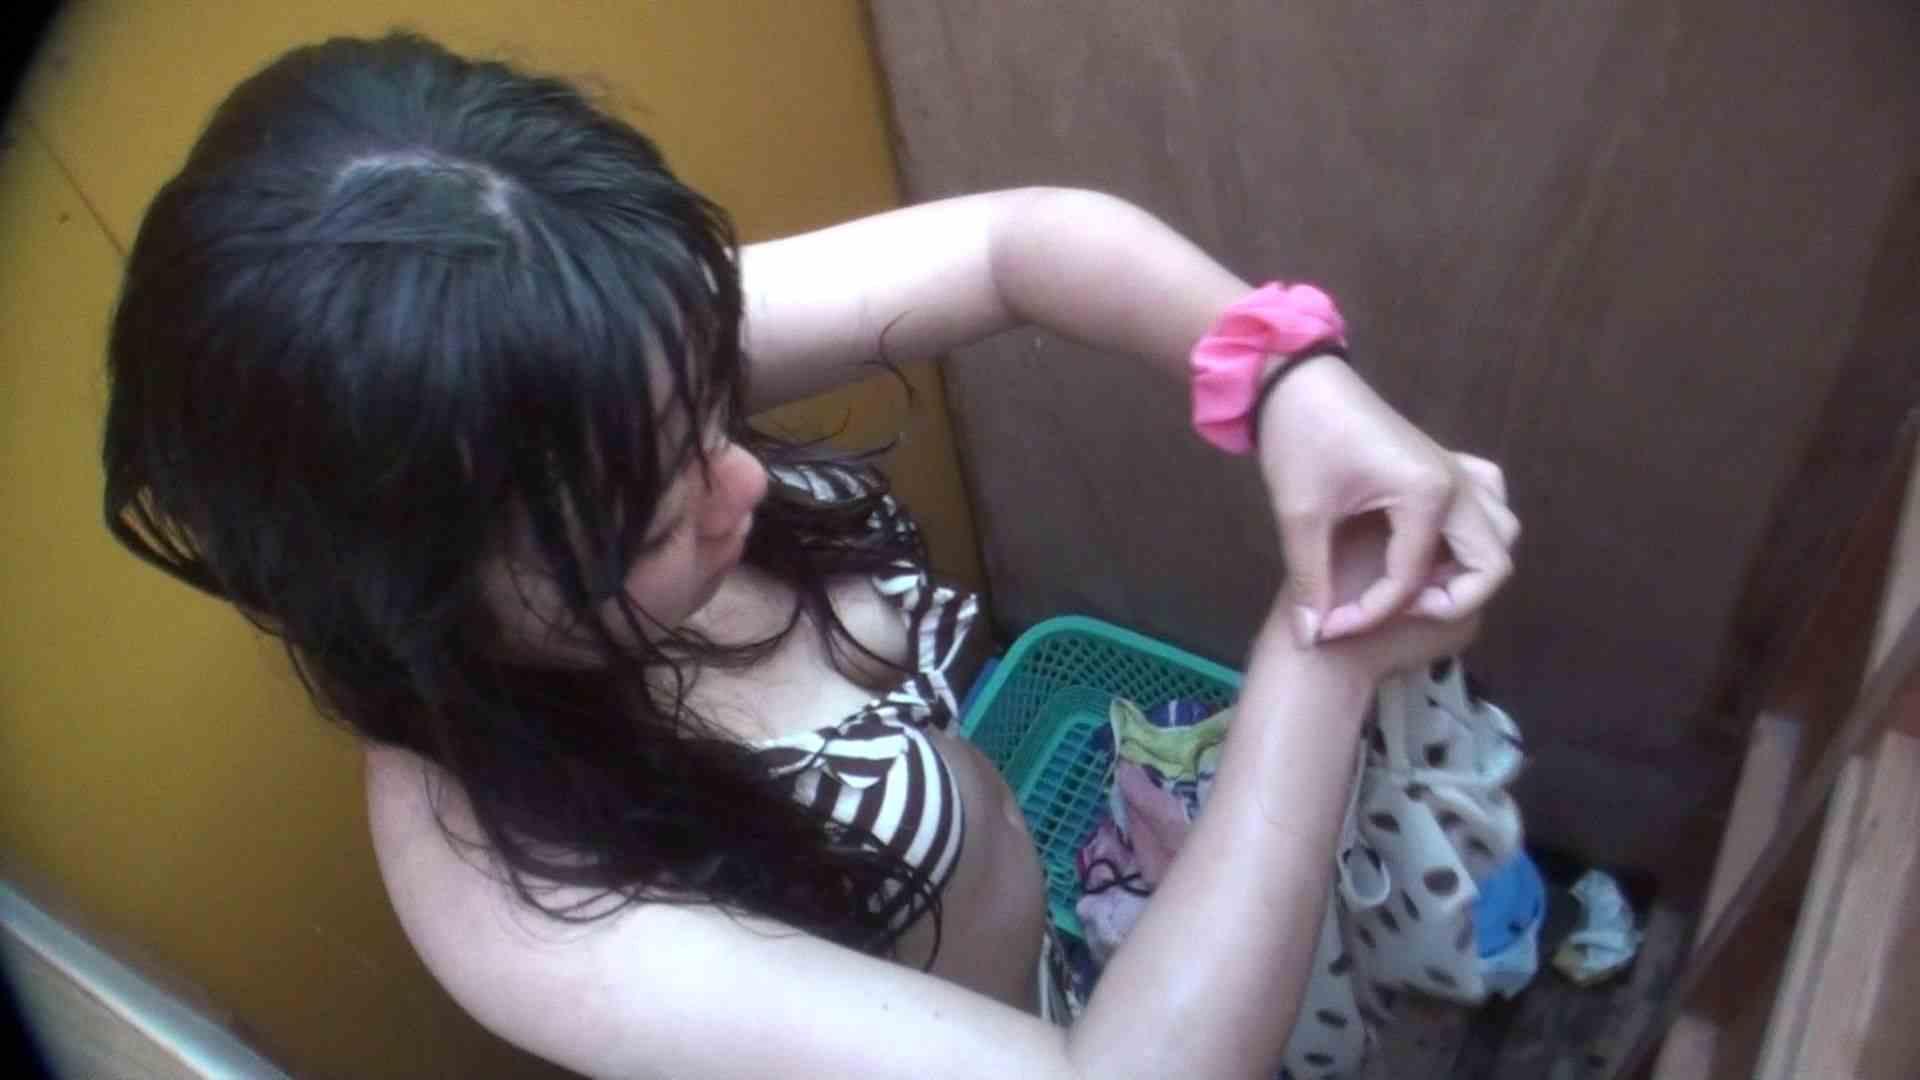 シャワールームは超!!危険な香りVol.13 ムッチムチのいやらしい身体つき シャワー  111pic 4